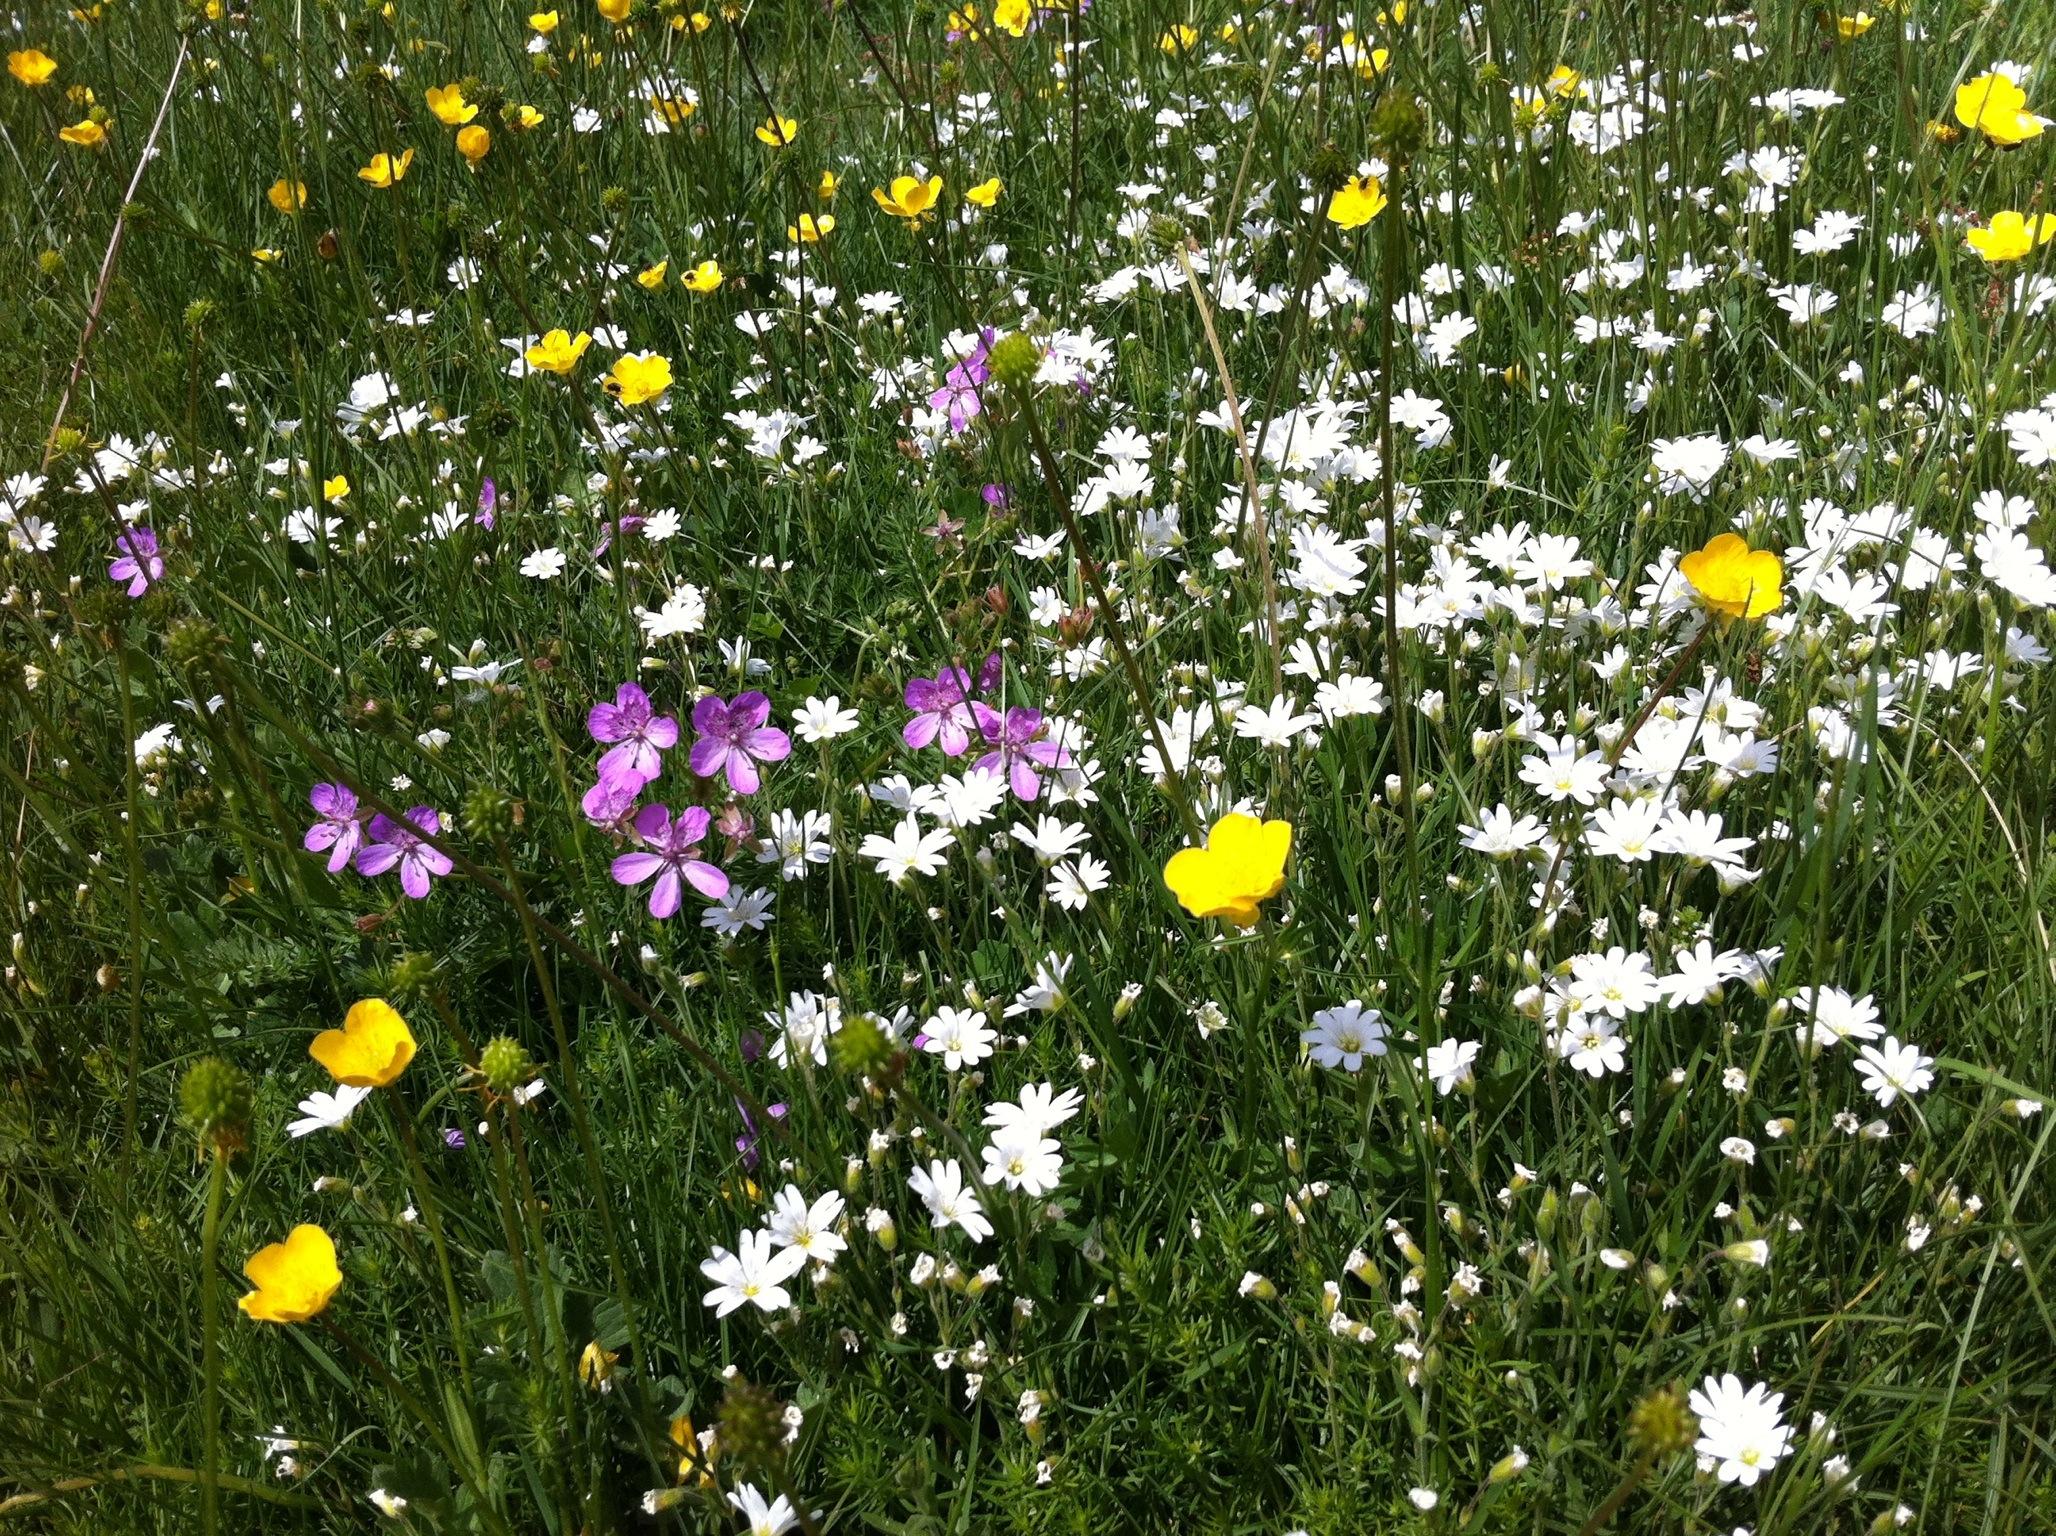 Margaritas De Colores En La Hierba 30995: Meditar Con Flores